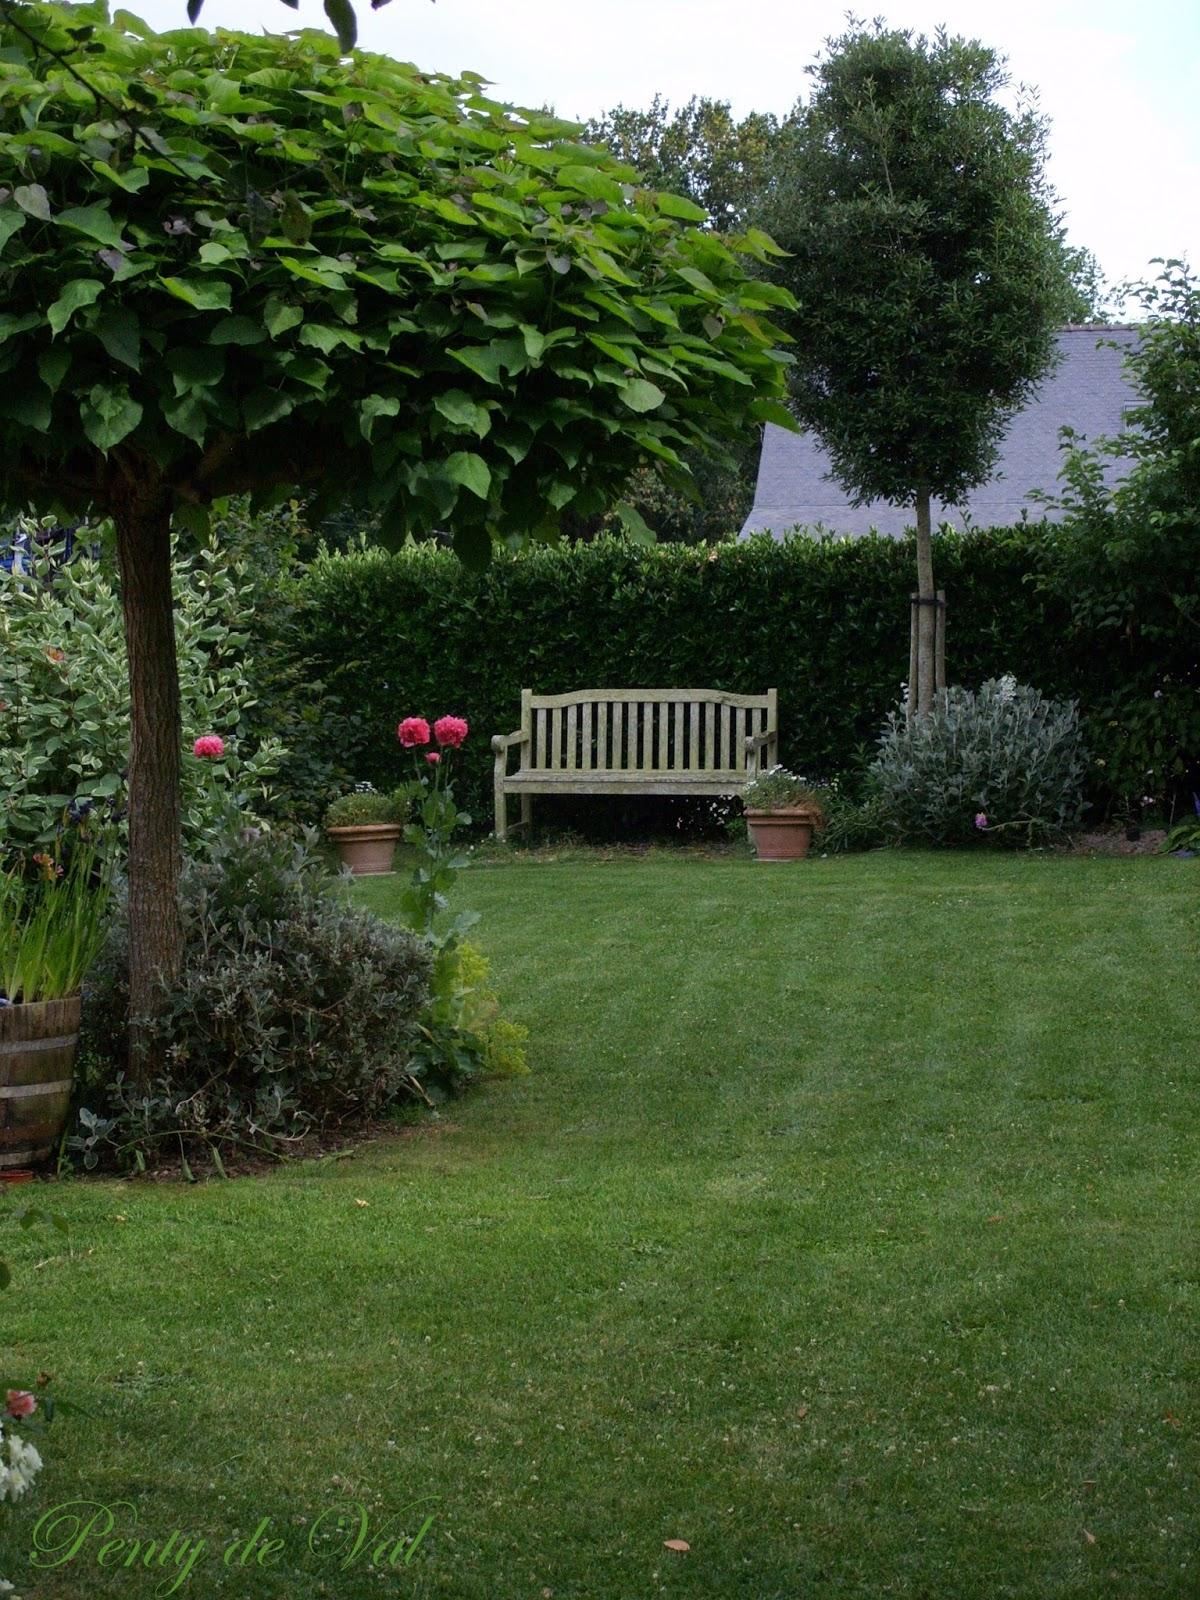 Penty de val jardin de juillet for Jardin 5 juillet biskra